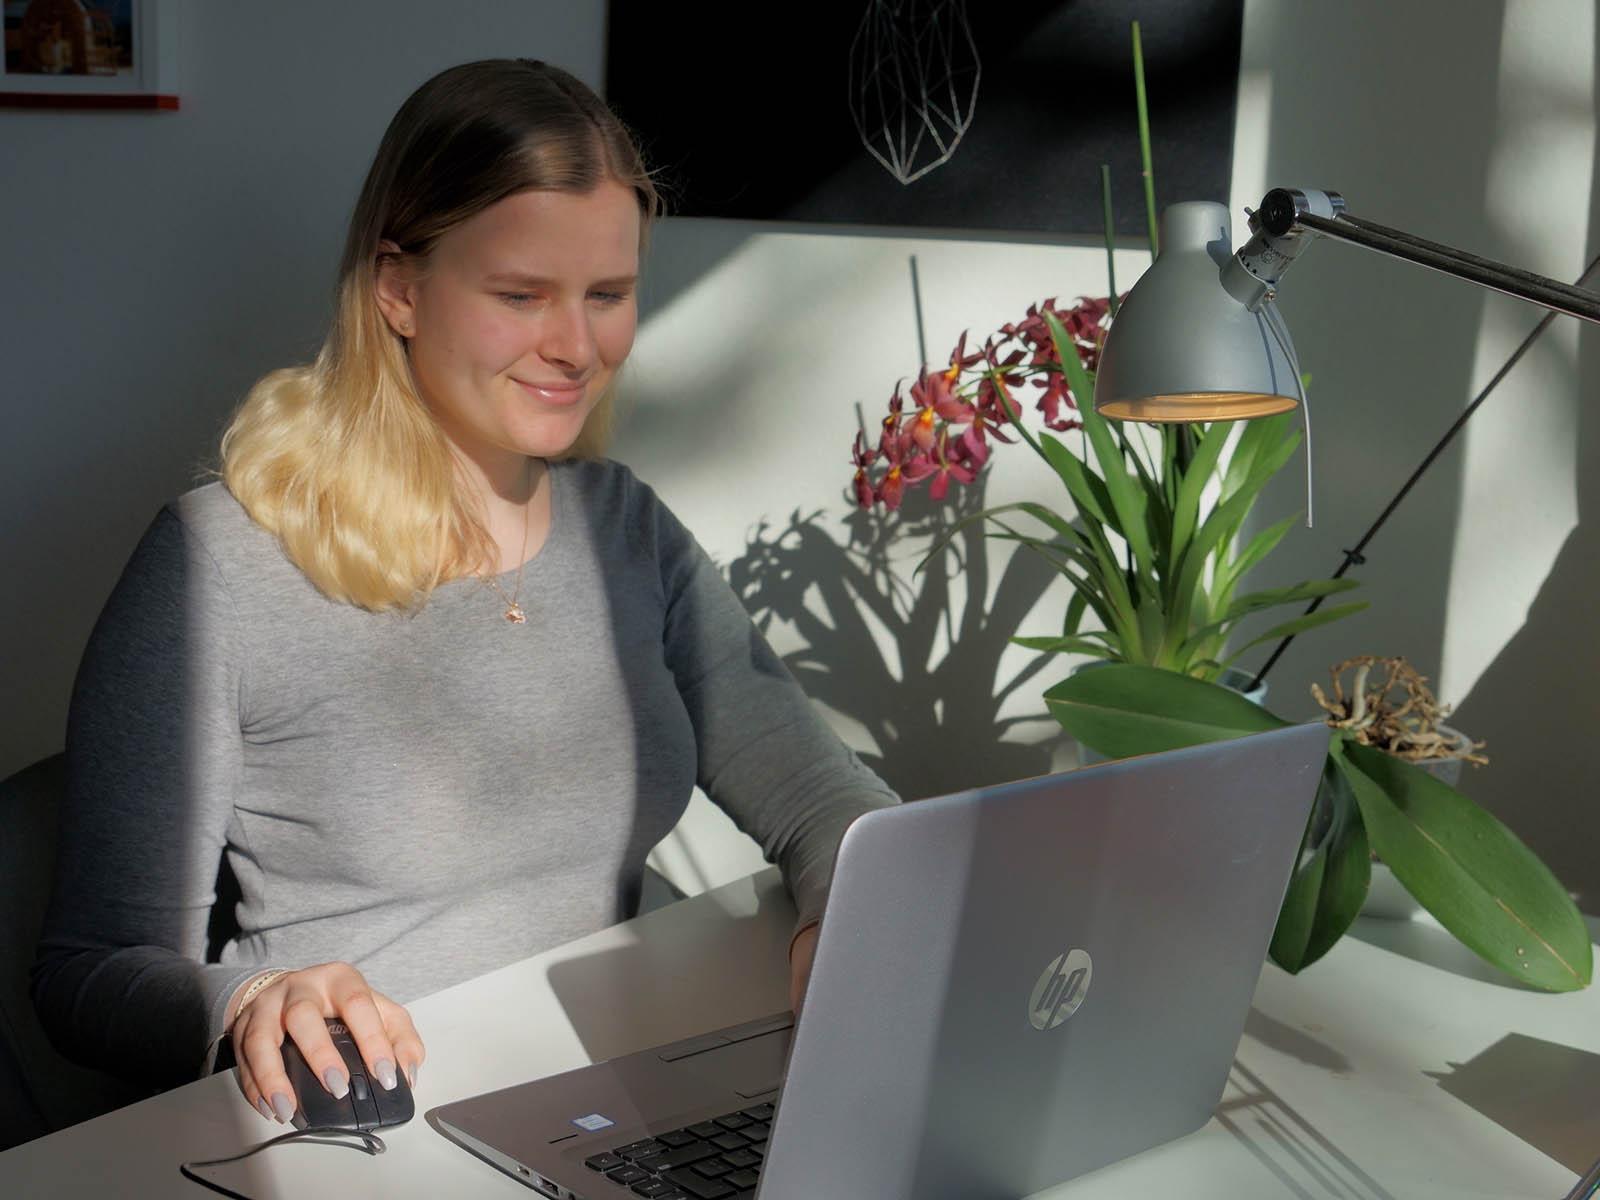 Sari Robustelli muss Beruf und Schule von zuhause am Laptop bewältigen.